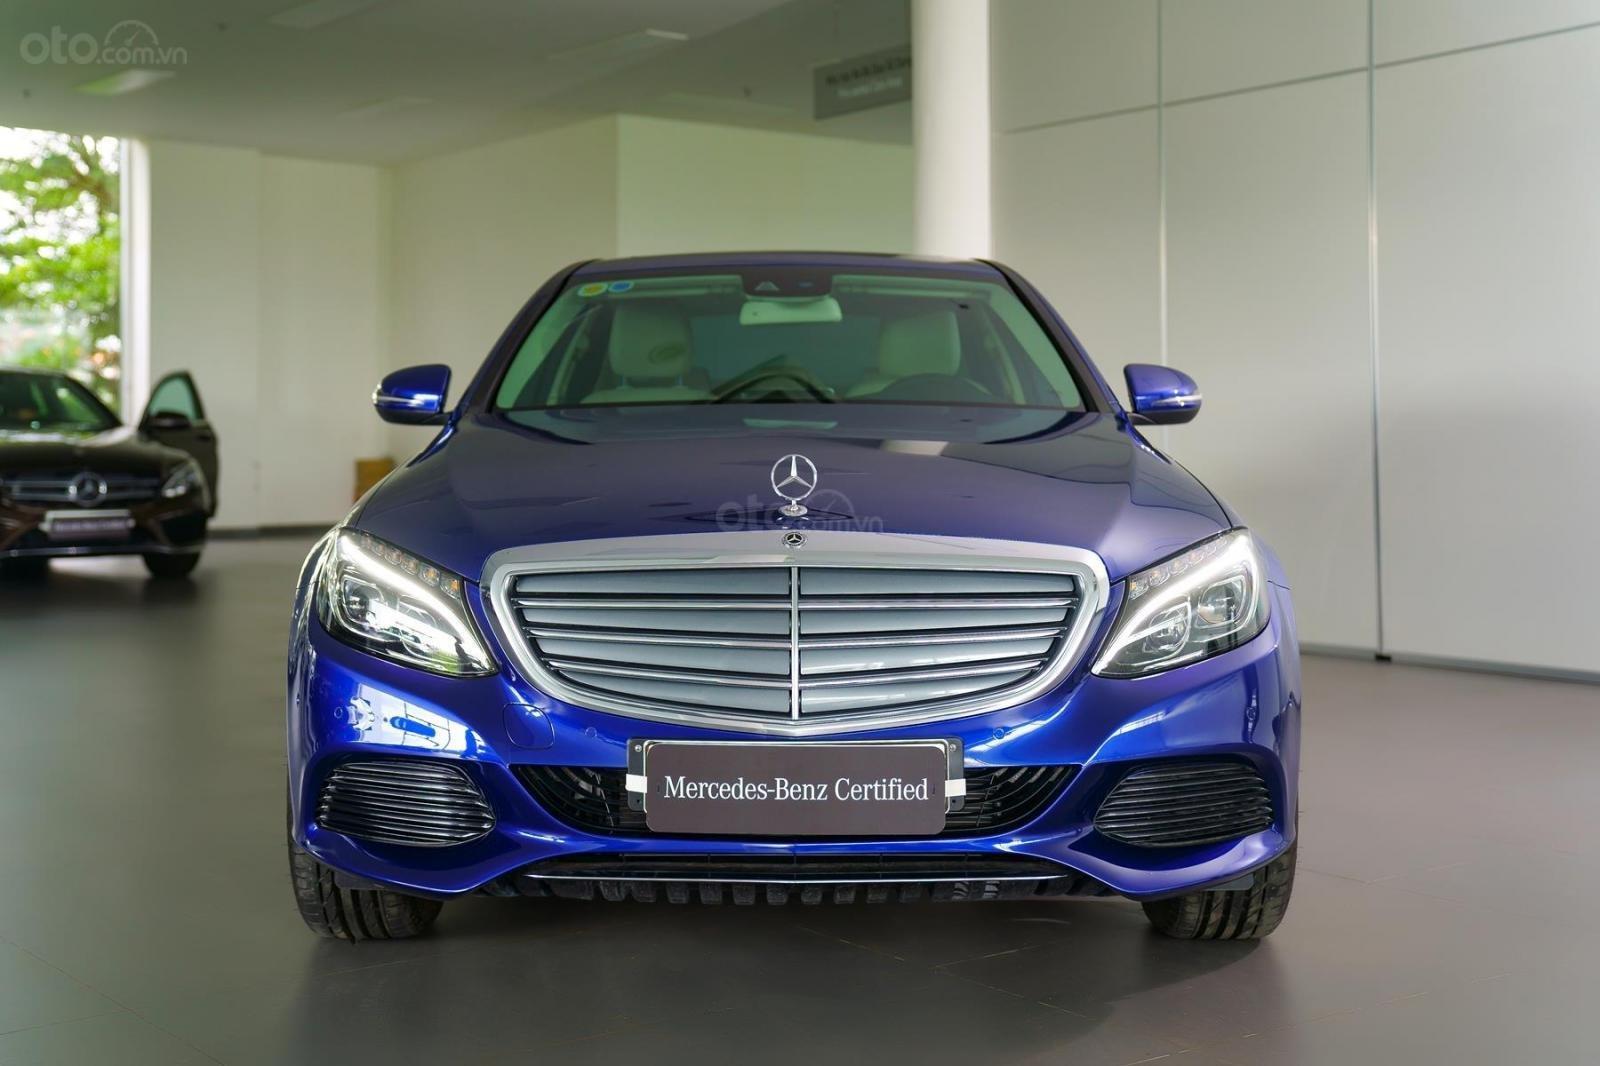 Bán xe Mercedes-Benz C250 Exclusive đăng ký 2019 - 1 tỷ 5 (5)